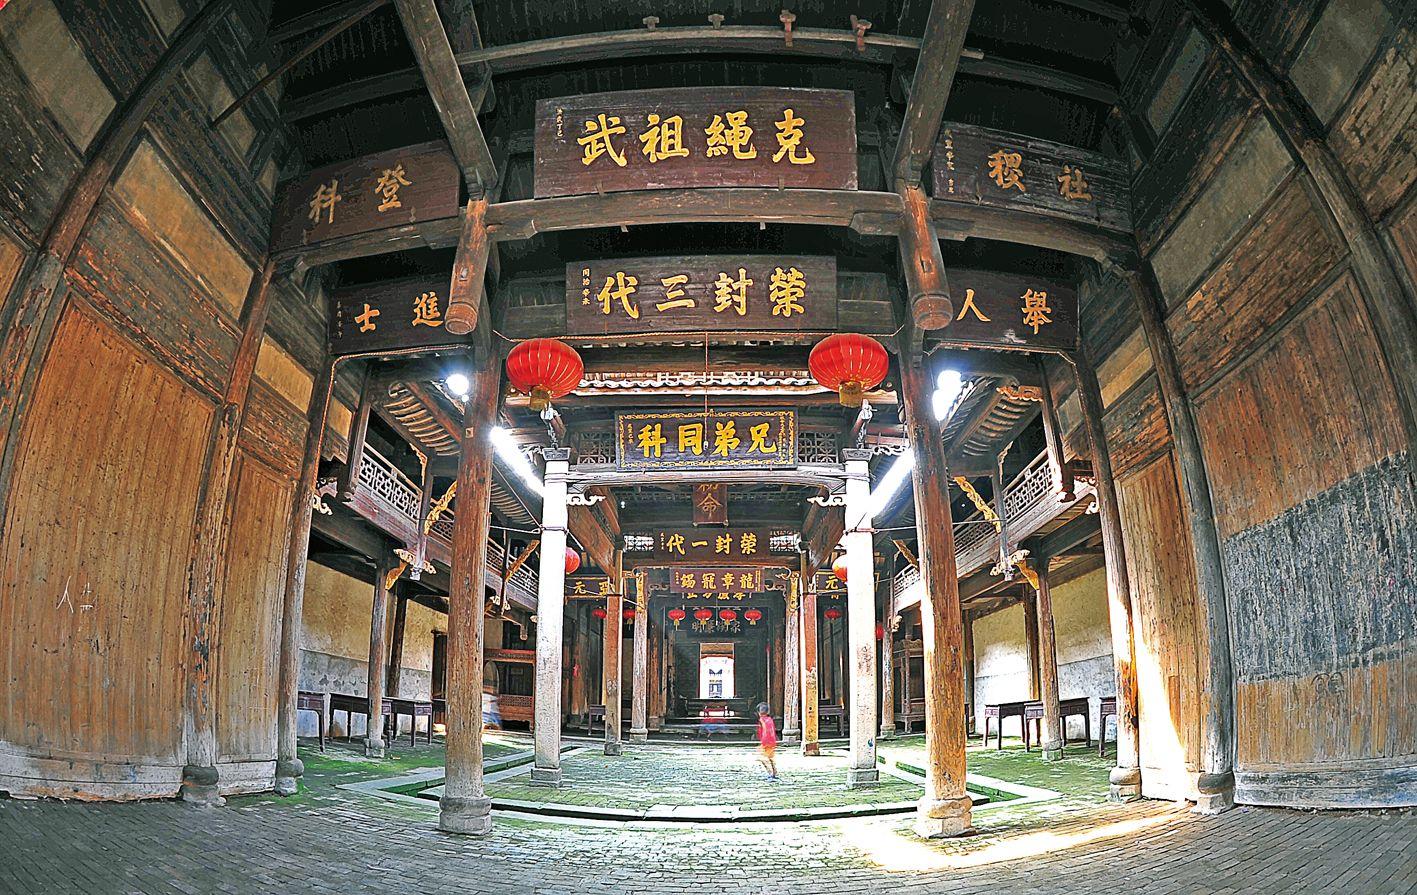 高安贾家古村贾氏祠堂(蔡涛摄)